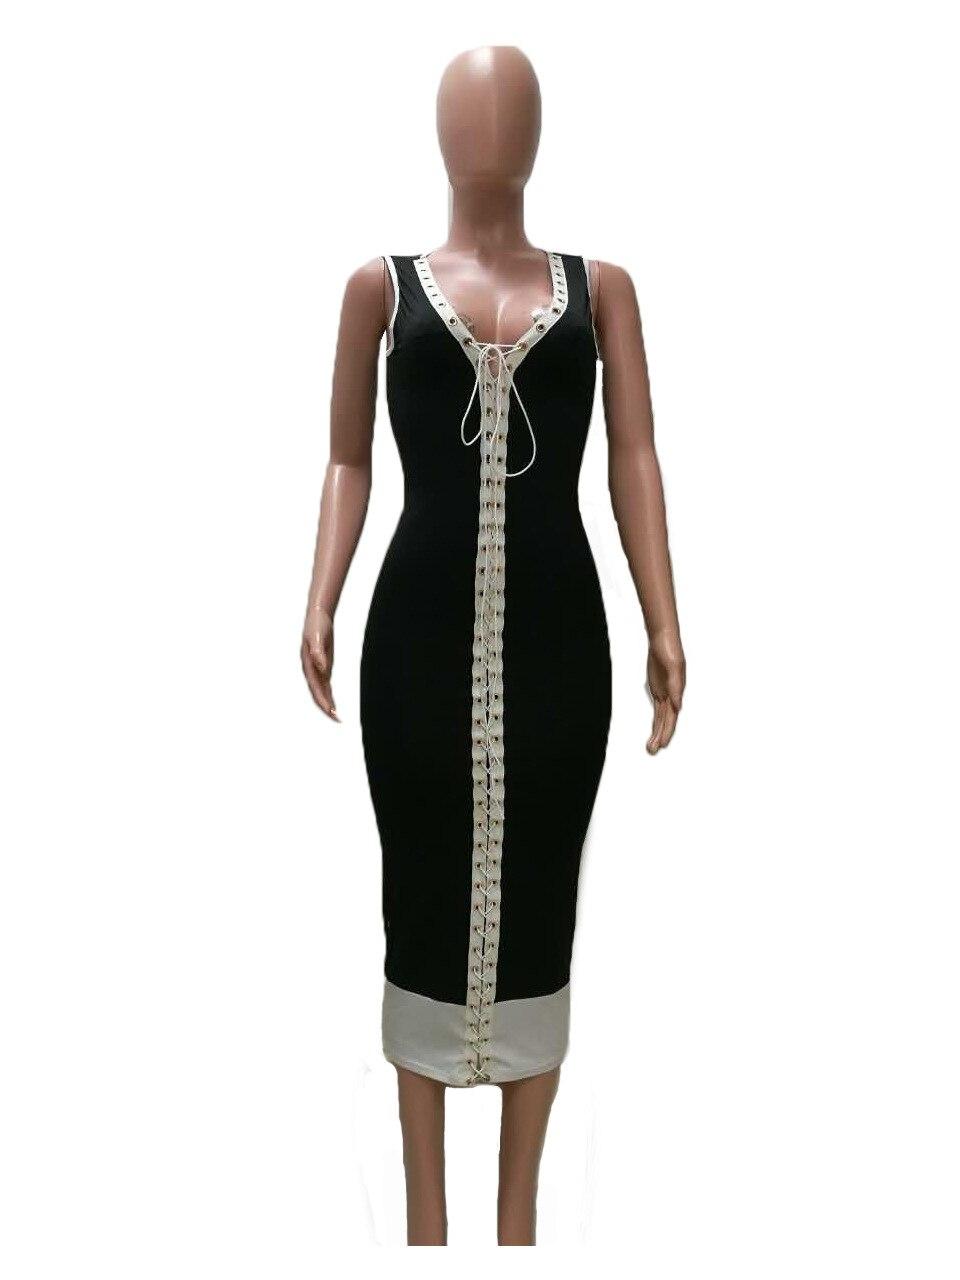 05c2992b33fd 2017 women bodycon Dress robe fourreau women party dress black deep v  hollow out sleeveless rih maxi dress lange feest jurken-in Dresses from  Women s ...